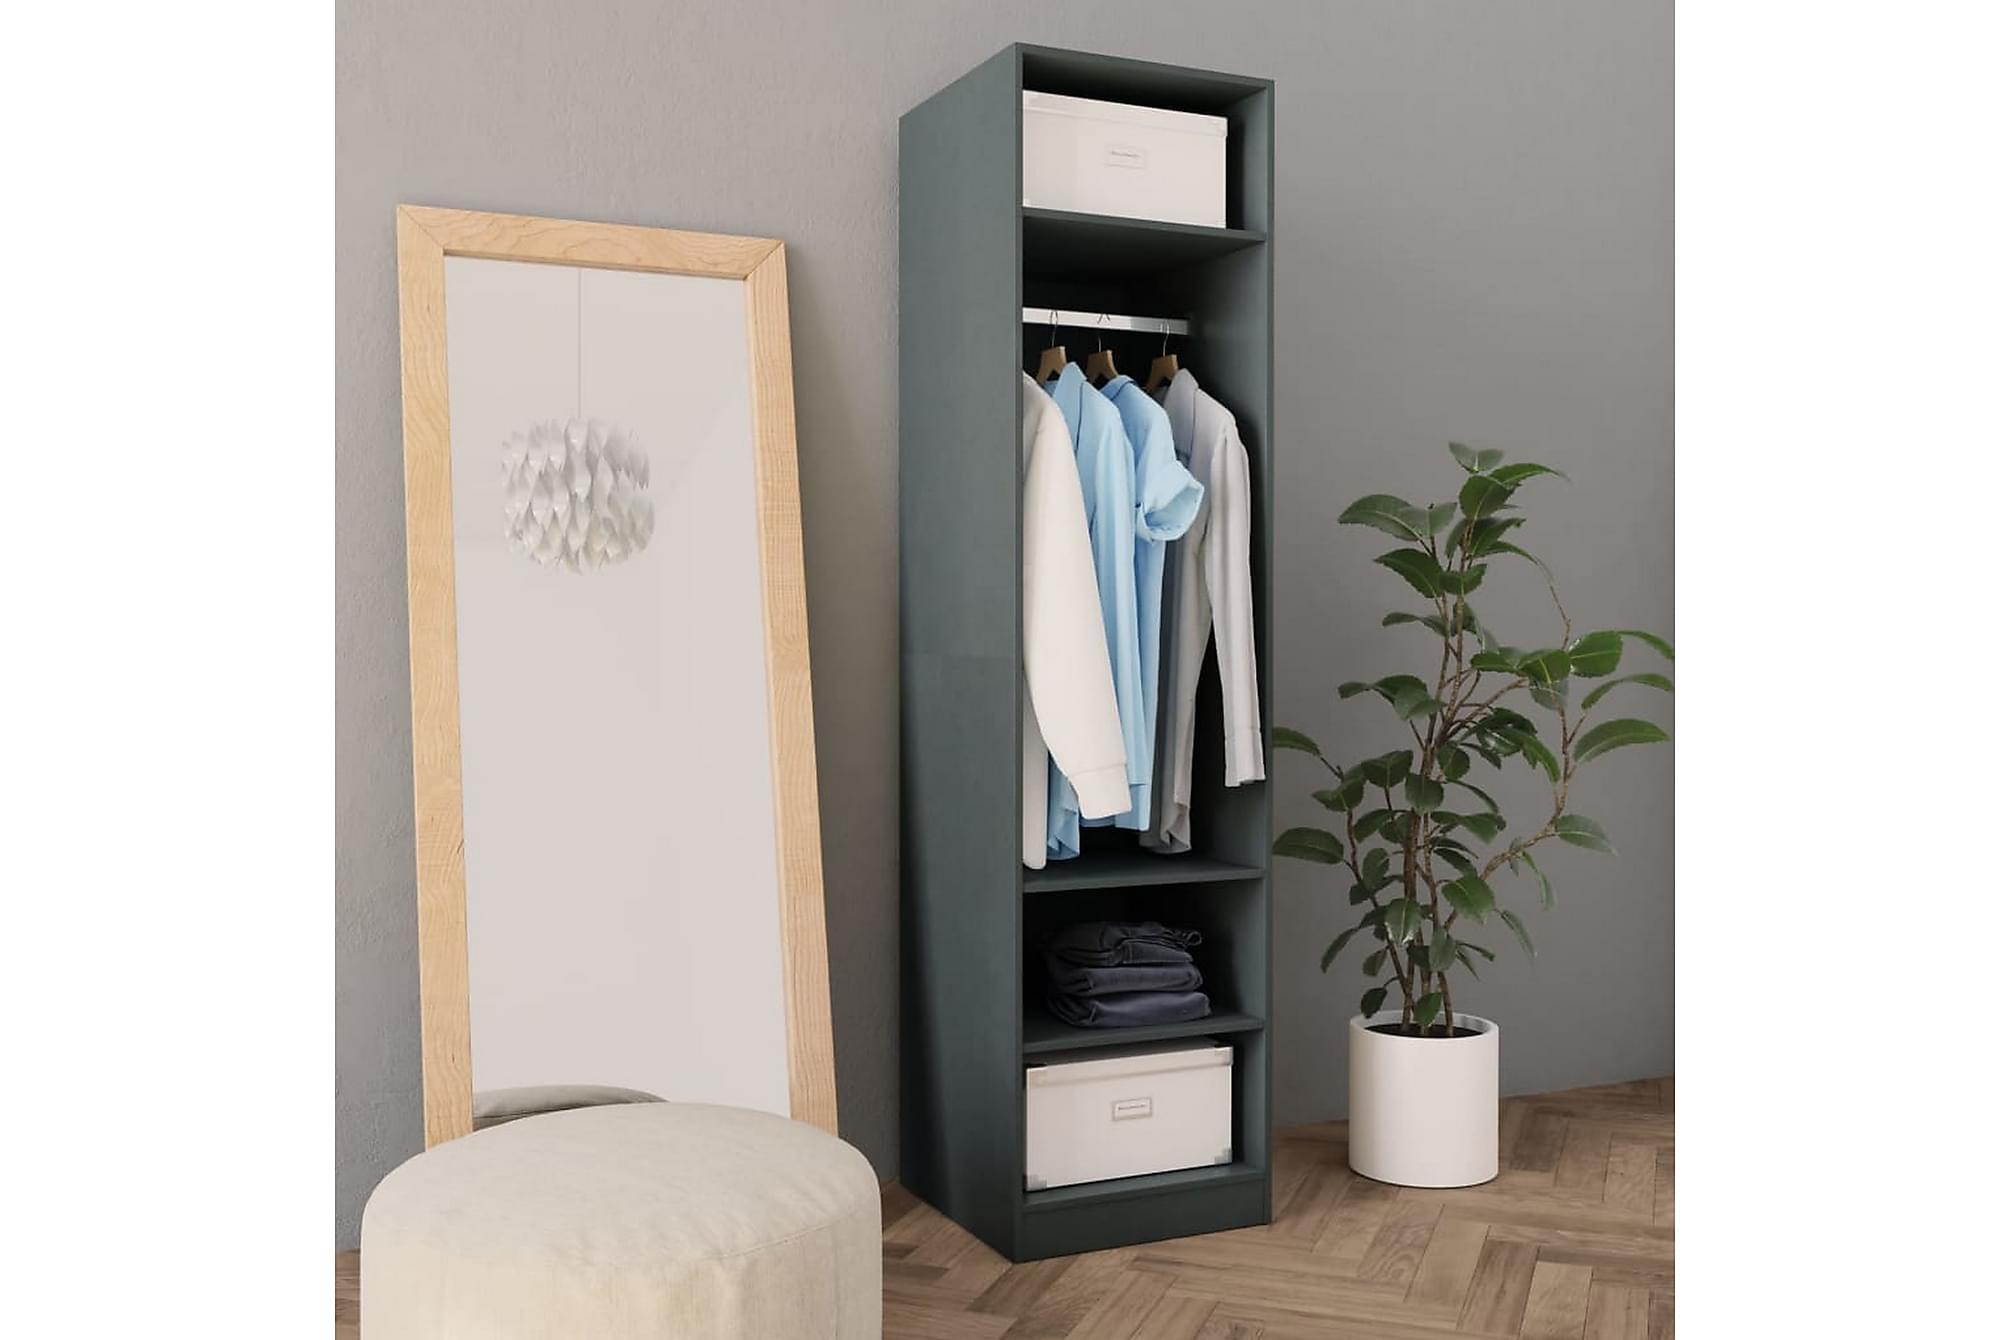 Garderob grå 50x50x200 cm spånskiva